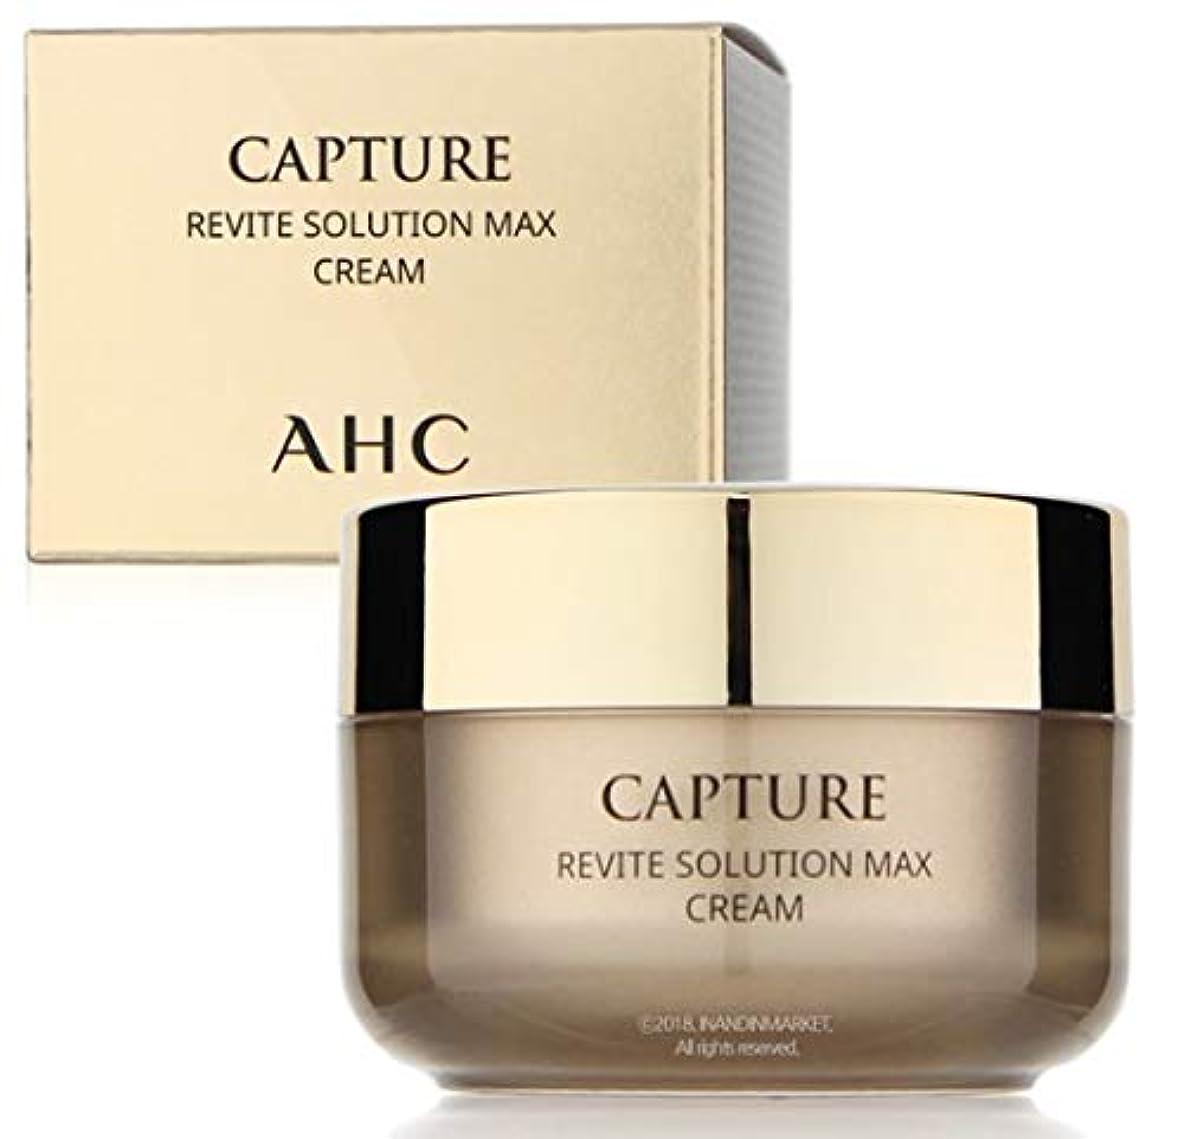 金銭的バスタブ定規AHC Capture Revite Solution Max Cream/キャプチャー リバイト ソリューション マックス クリーム 50ml [並行輸入品]